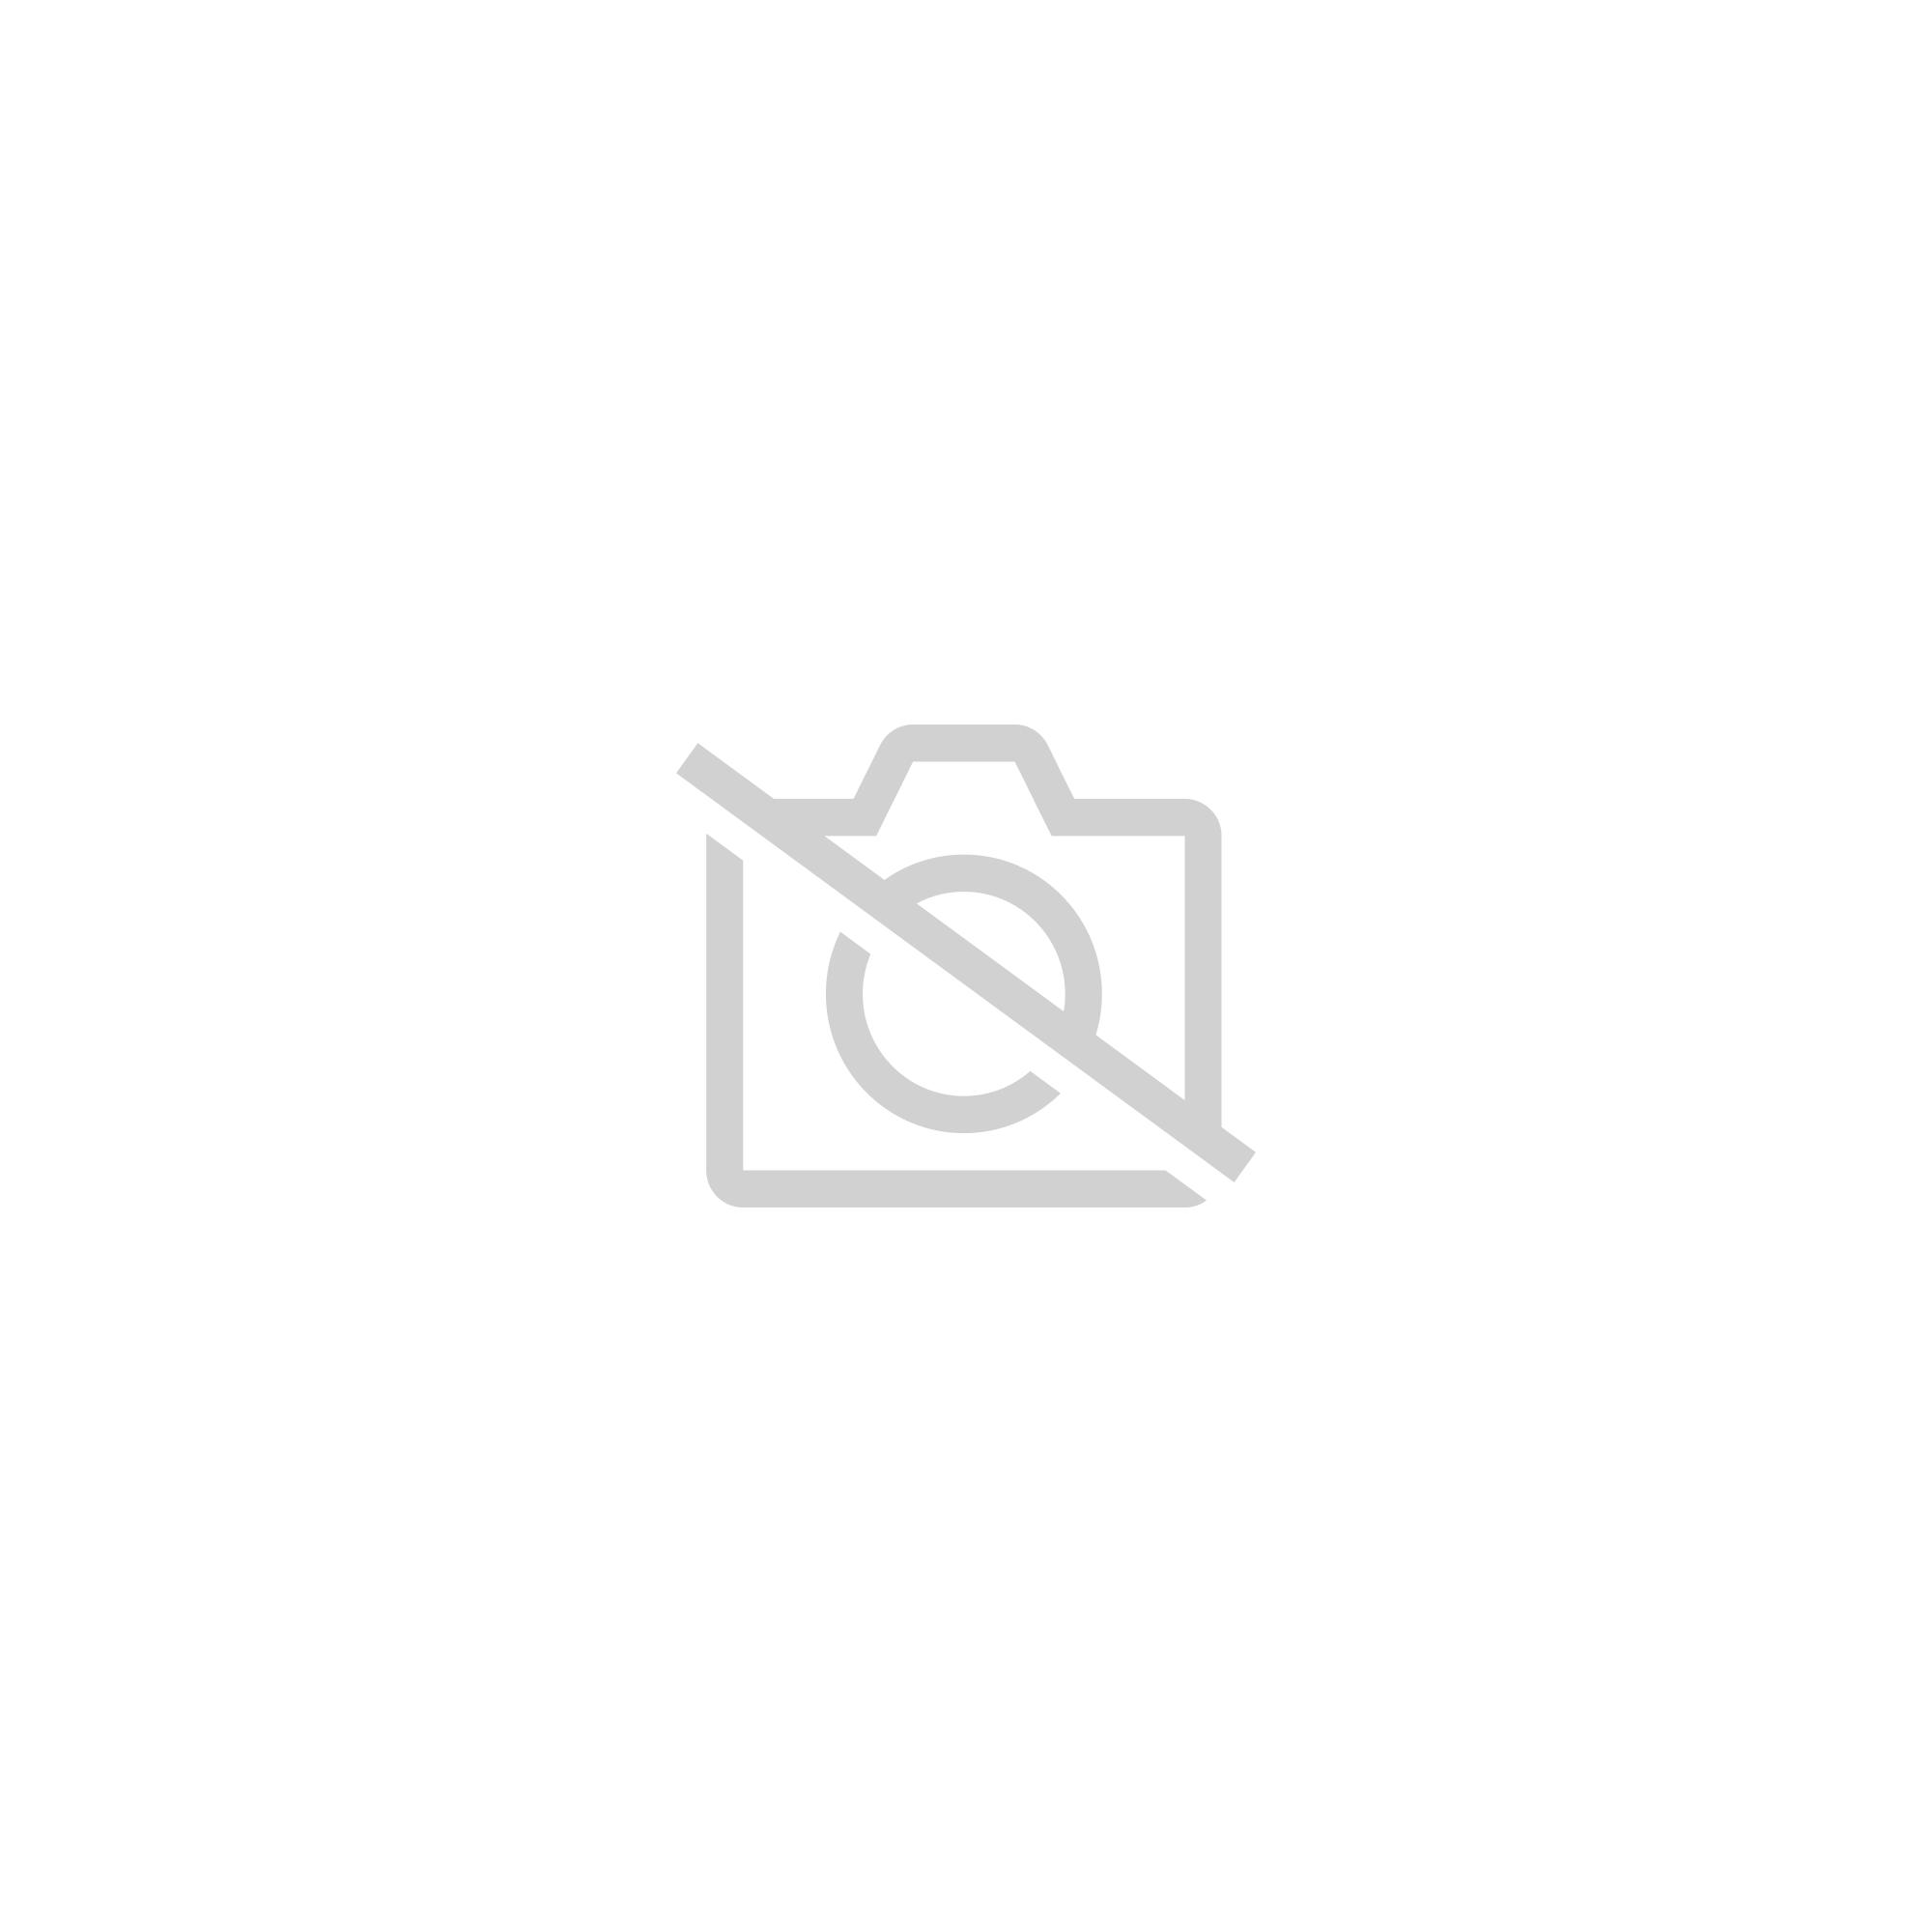 """HP TFT7600 - Console KVM - montage en rack - TFT - 17"""" - écran large - 1440 x 900 / 75 Hz - 190 cd/m2 - 350:1 - 25 ms -"""